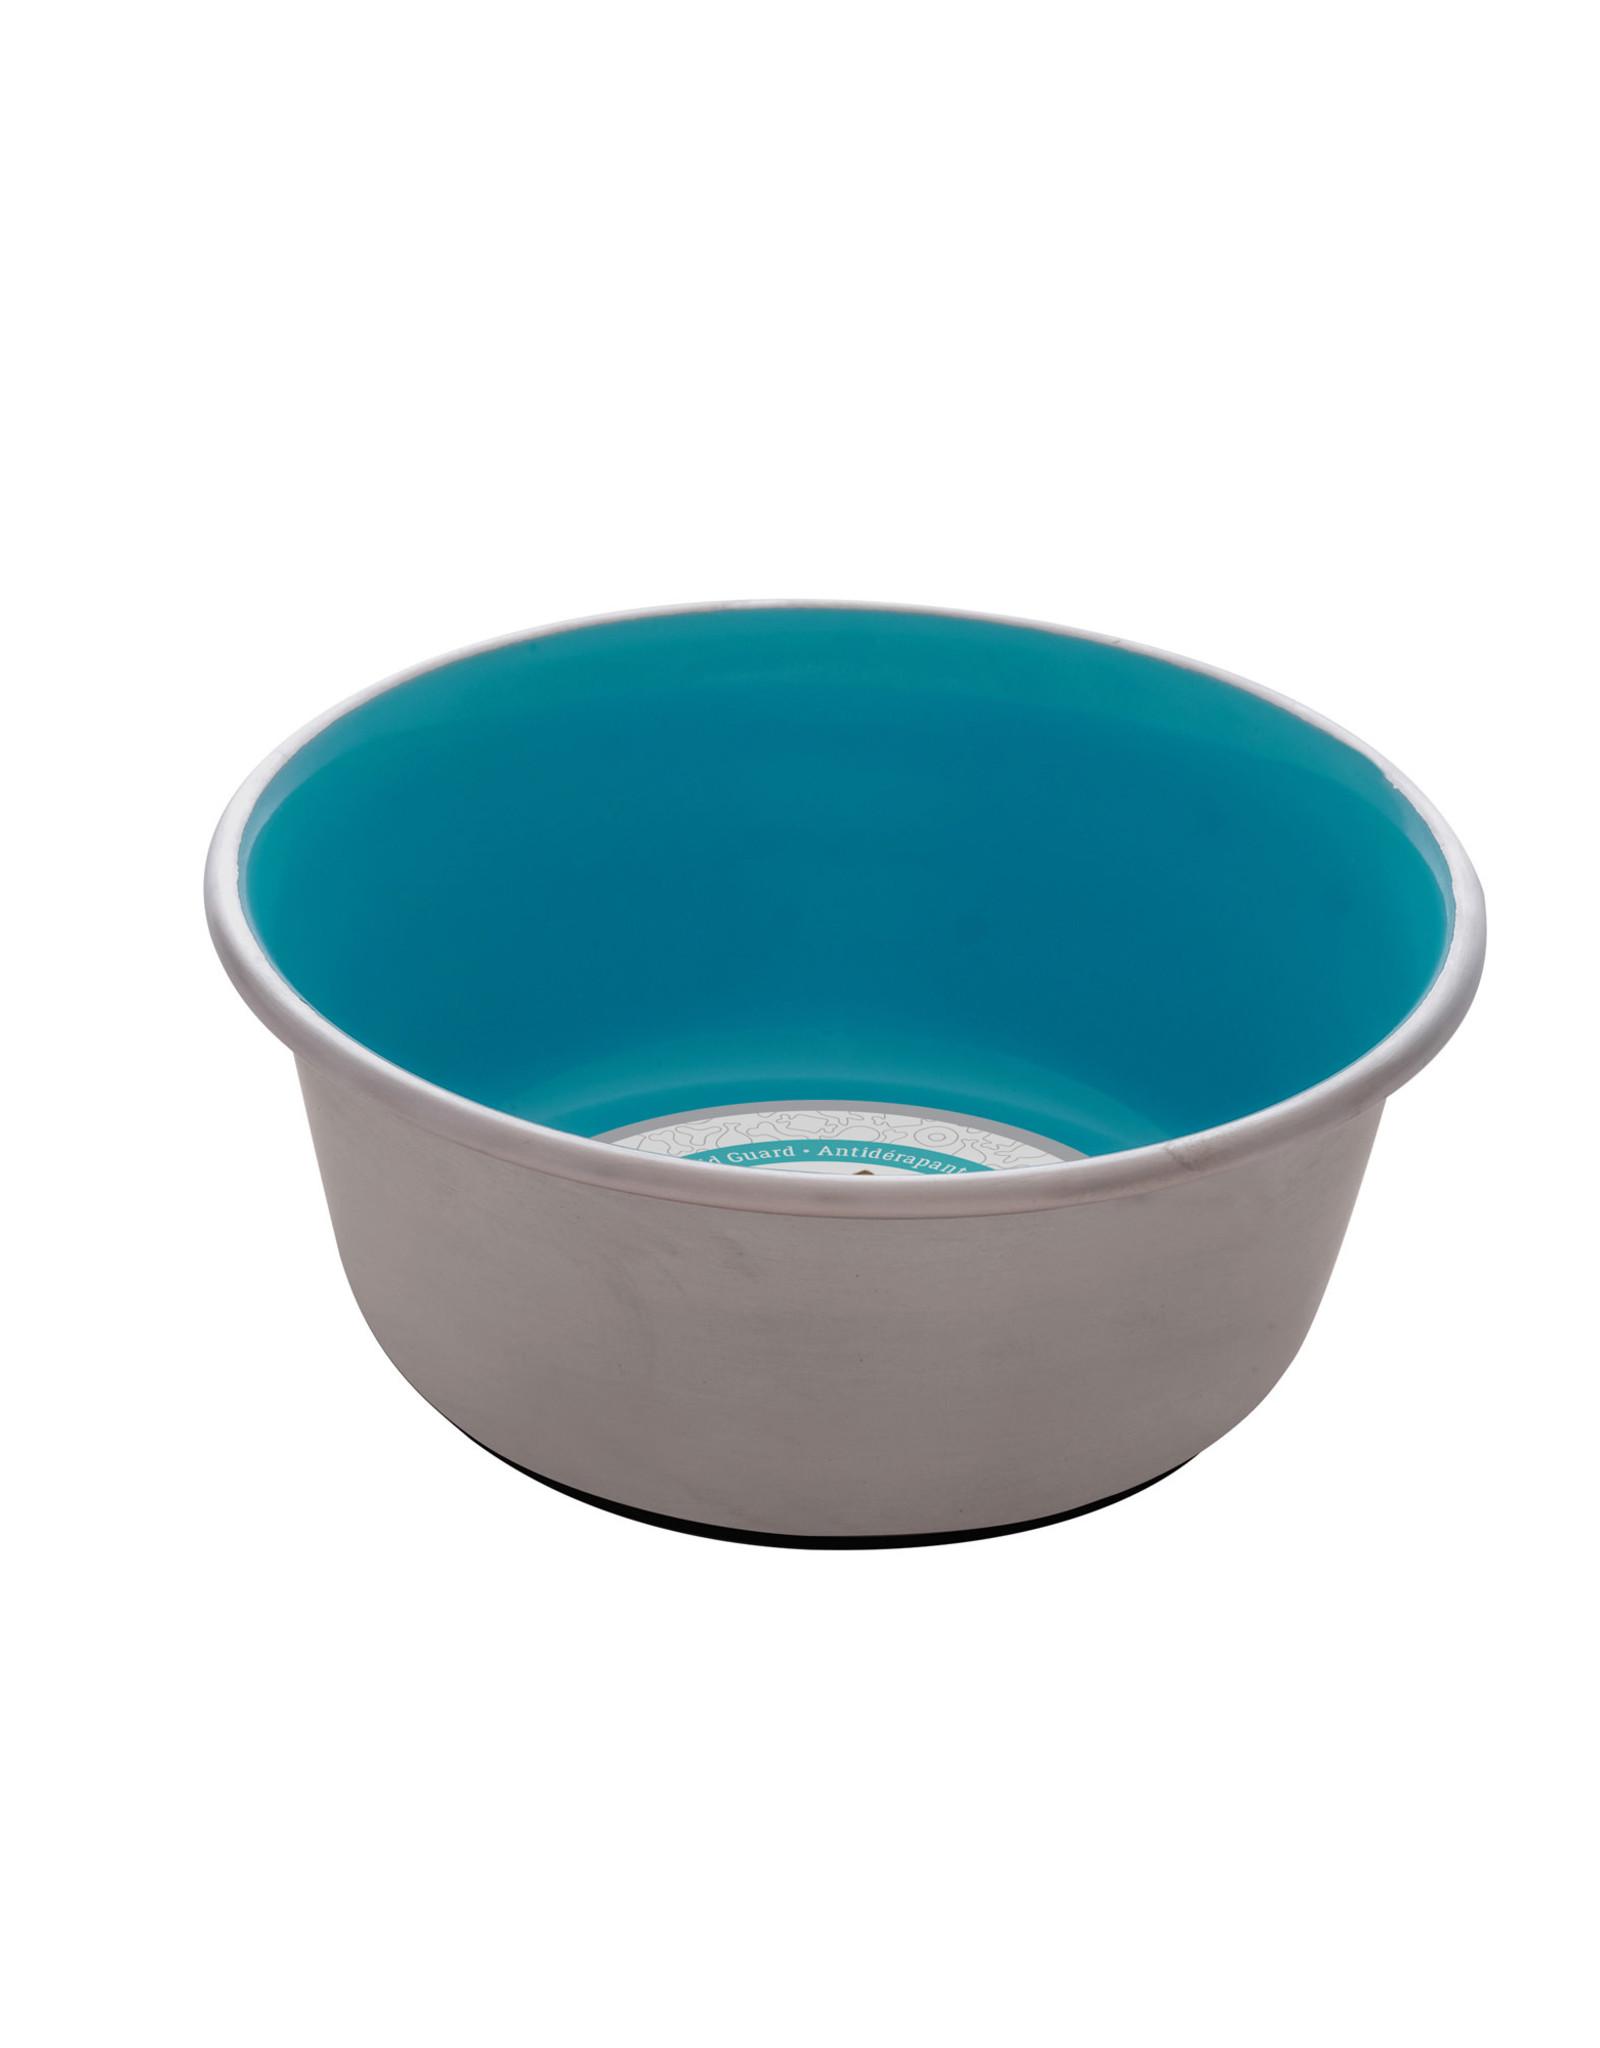 DogIt Dogit Stainless Steel Non-Skid Dog Bowl - Blue - 350 ml (11.8 fl.oz.)